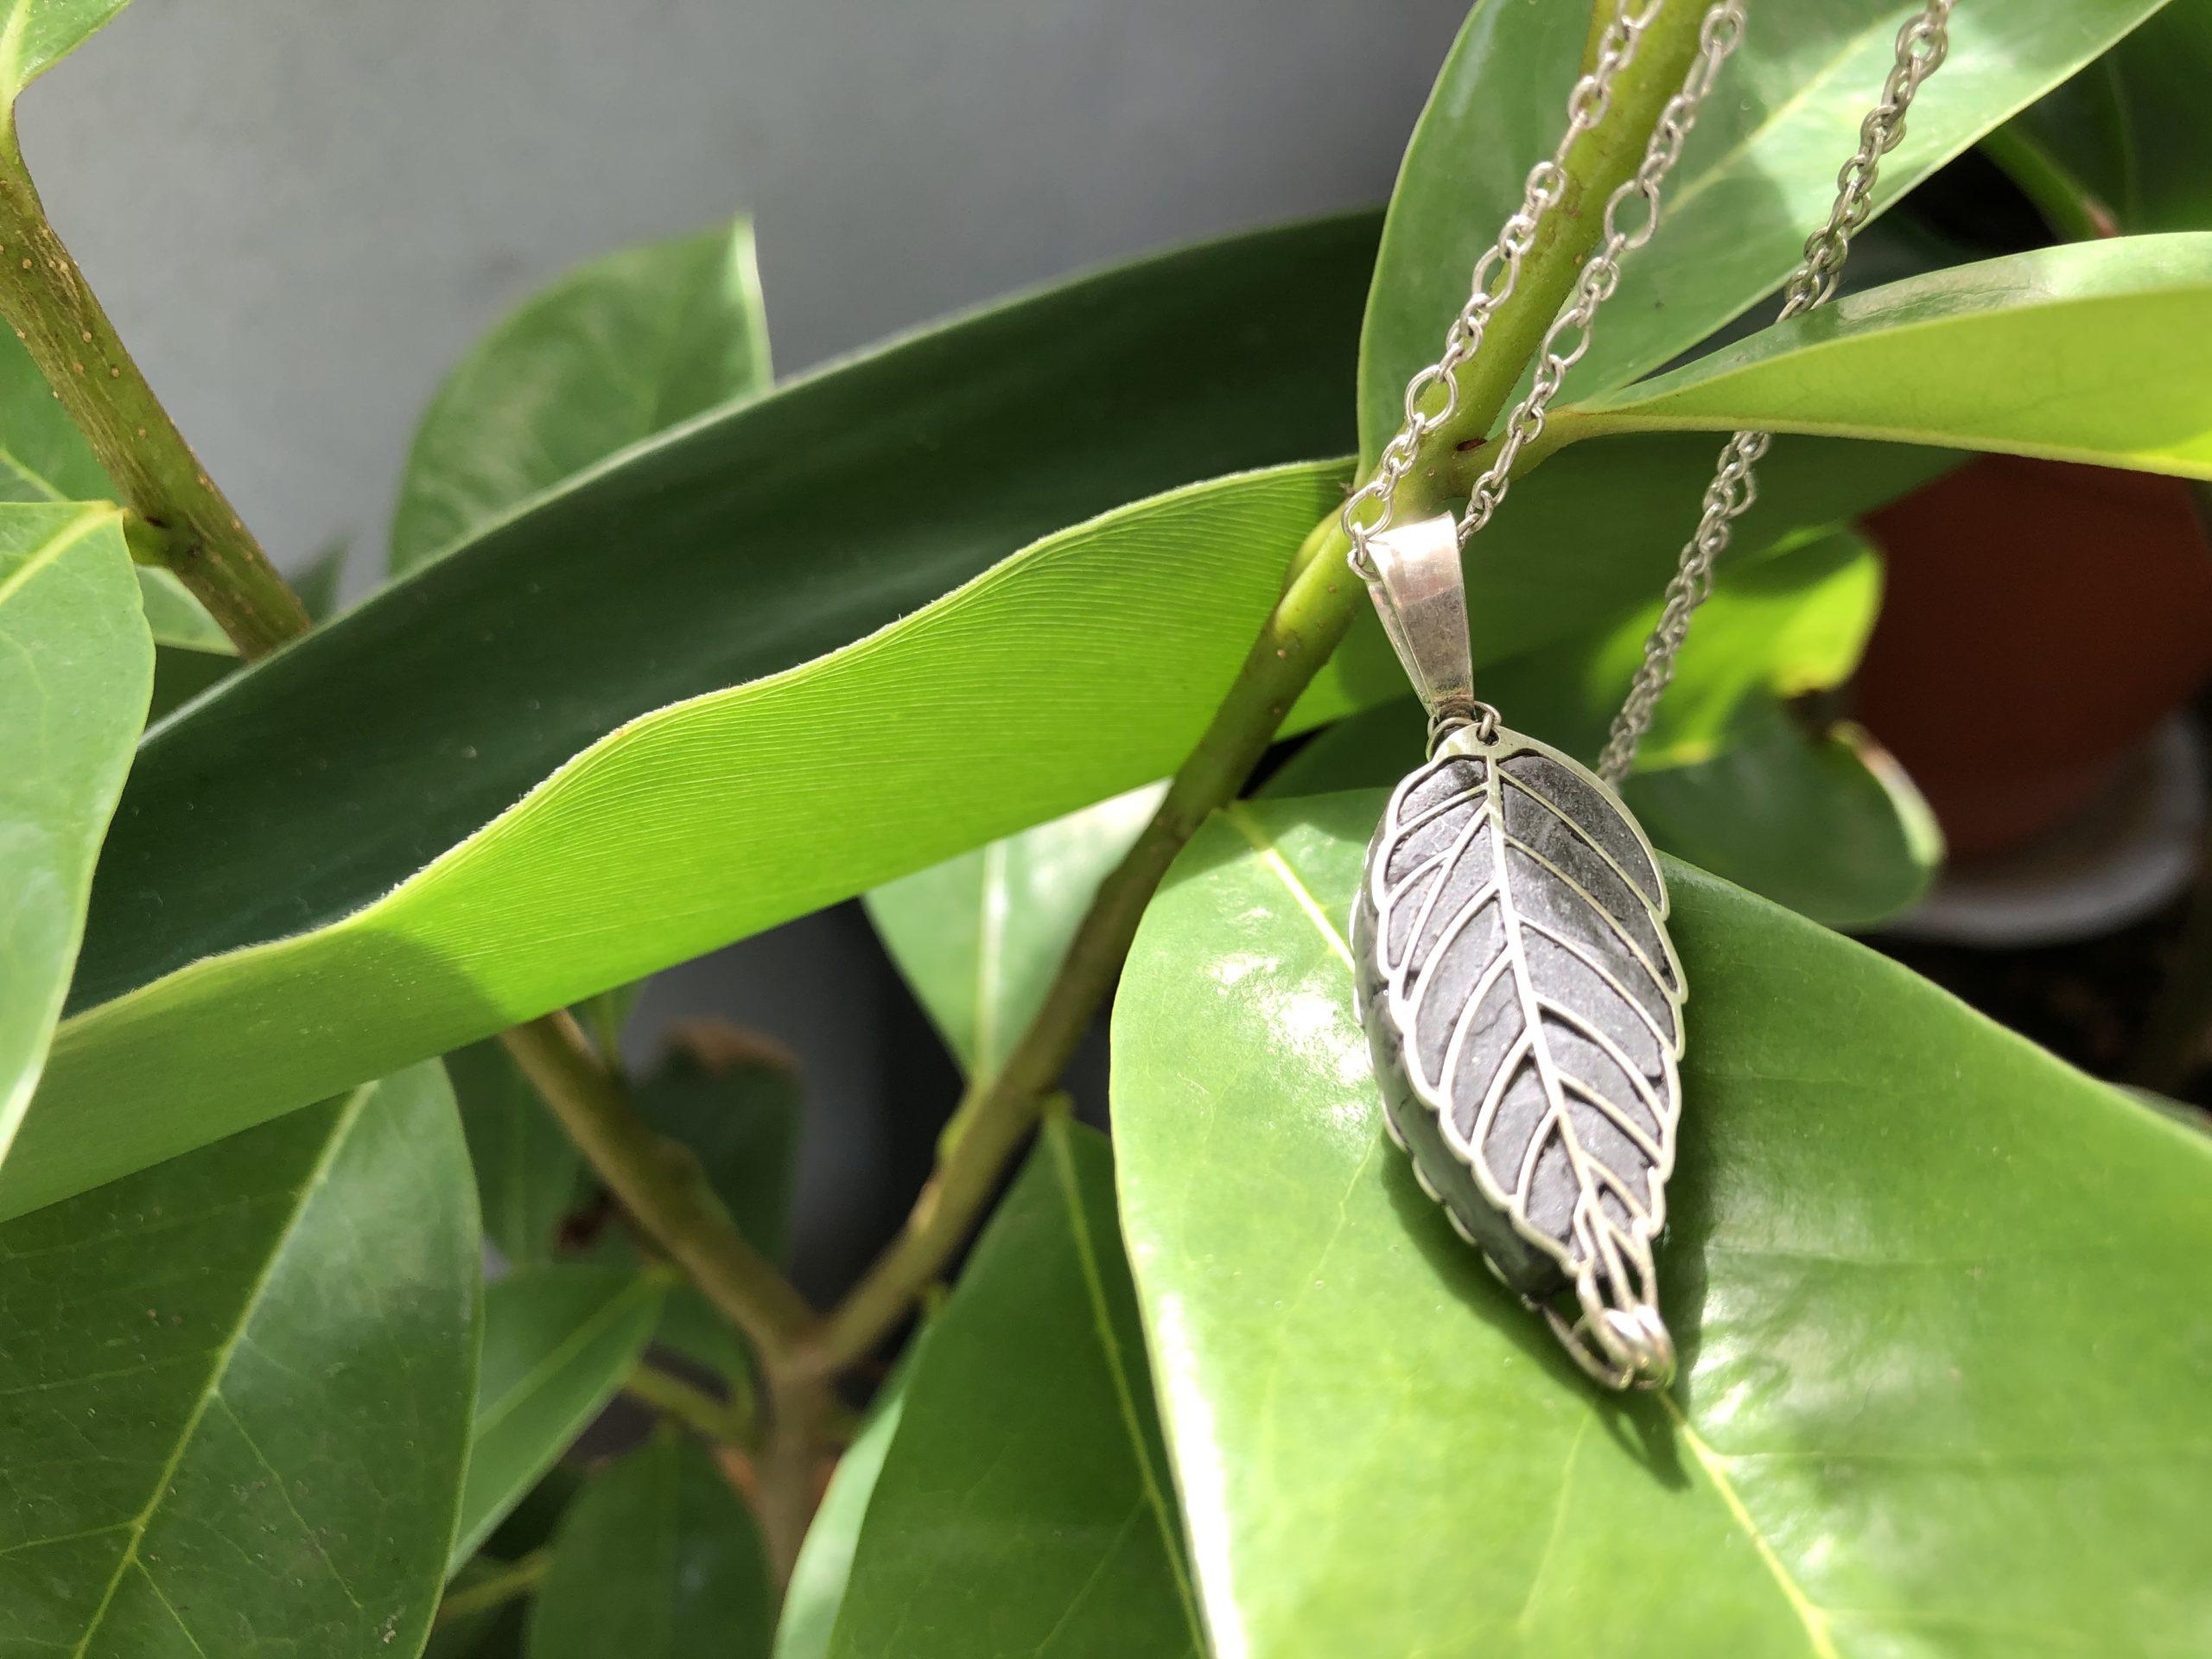 Histoire de bijoux olfactifs: du liège à l'argent